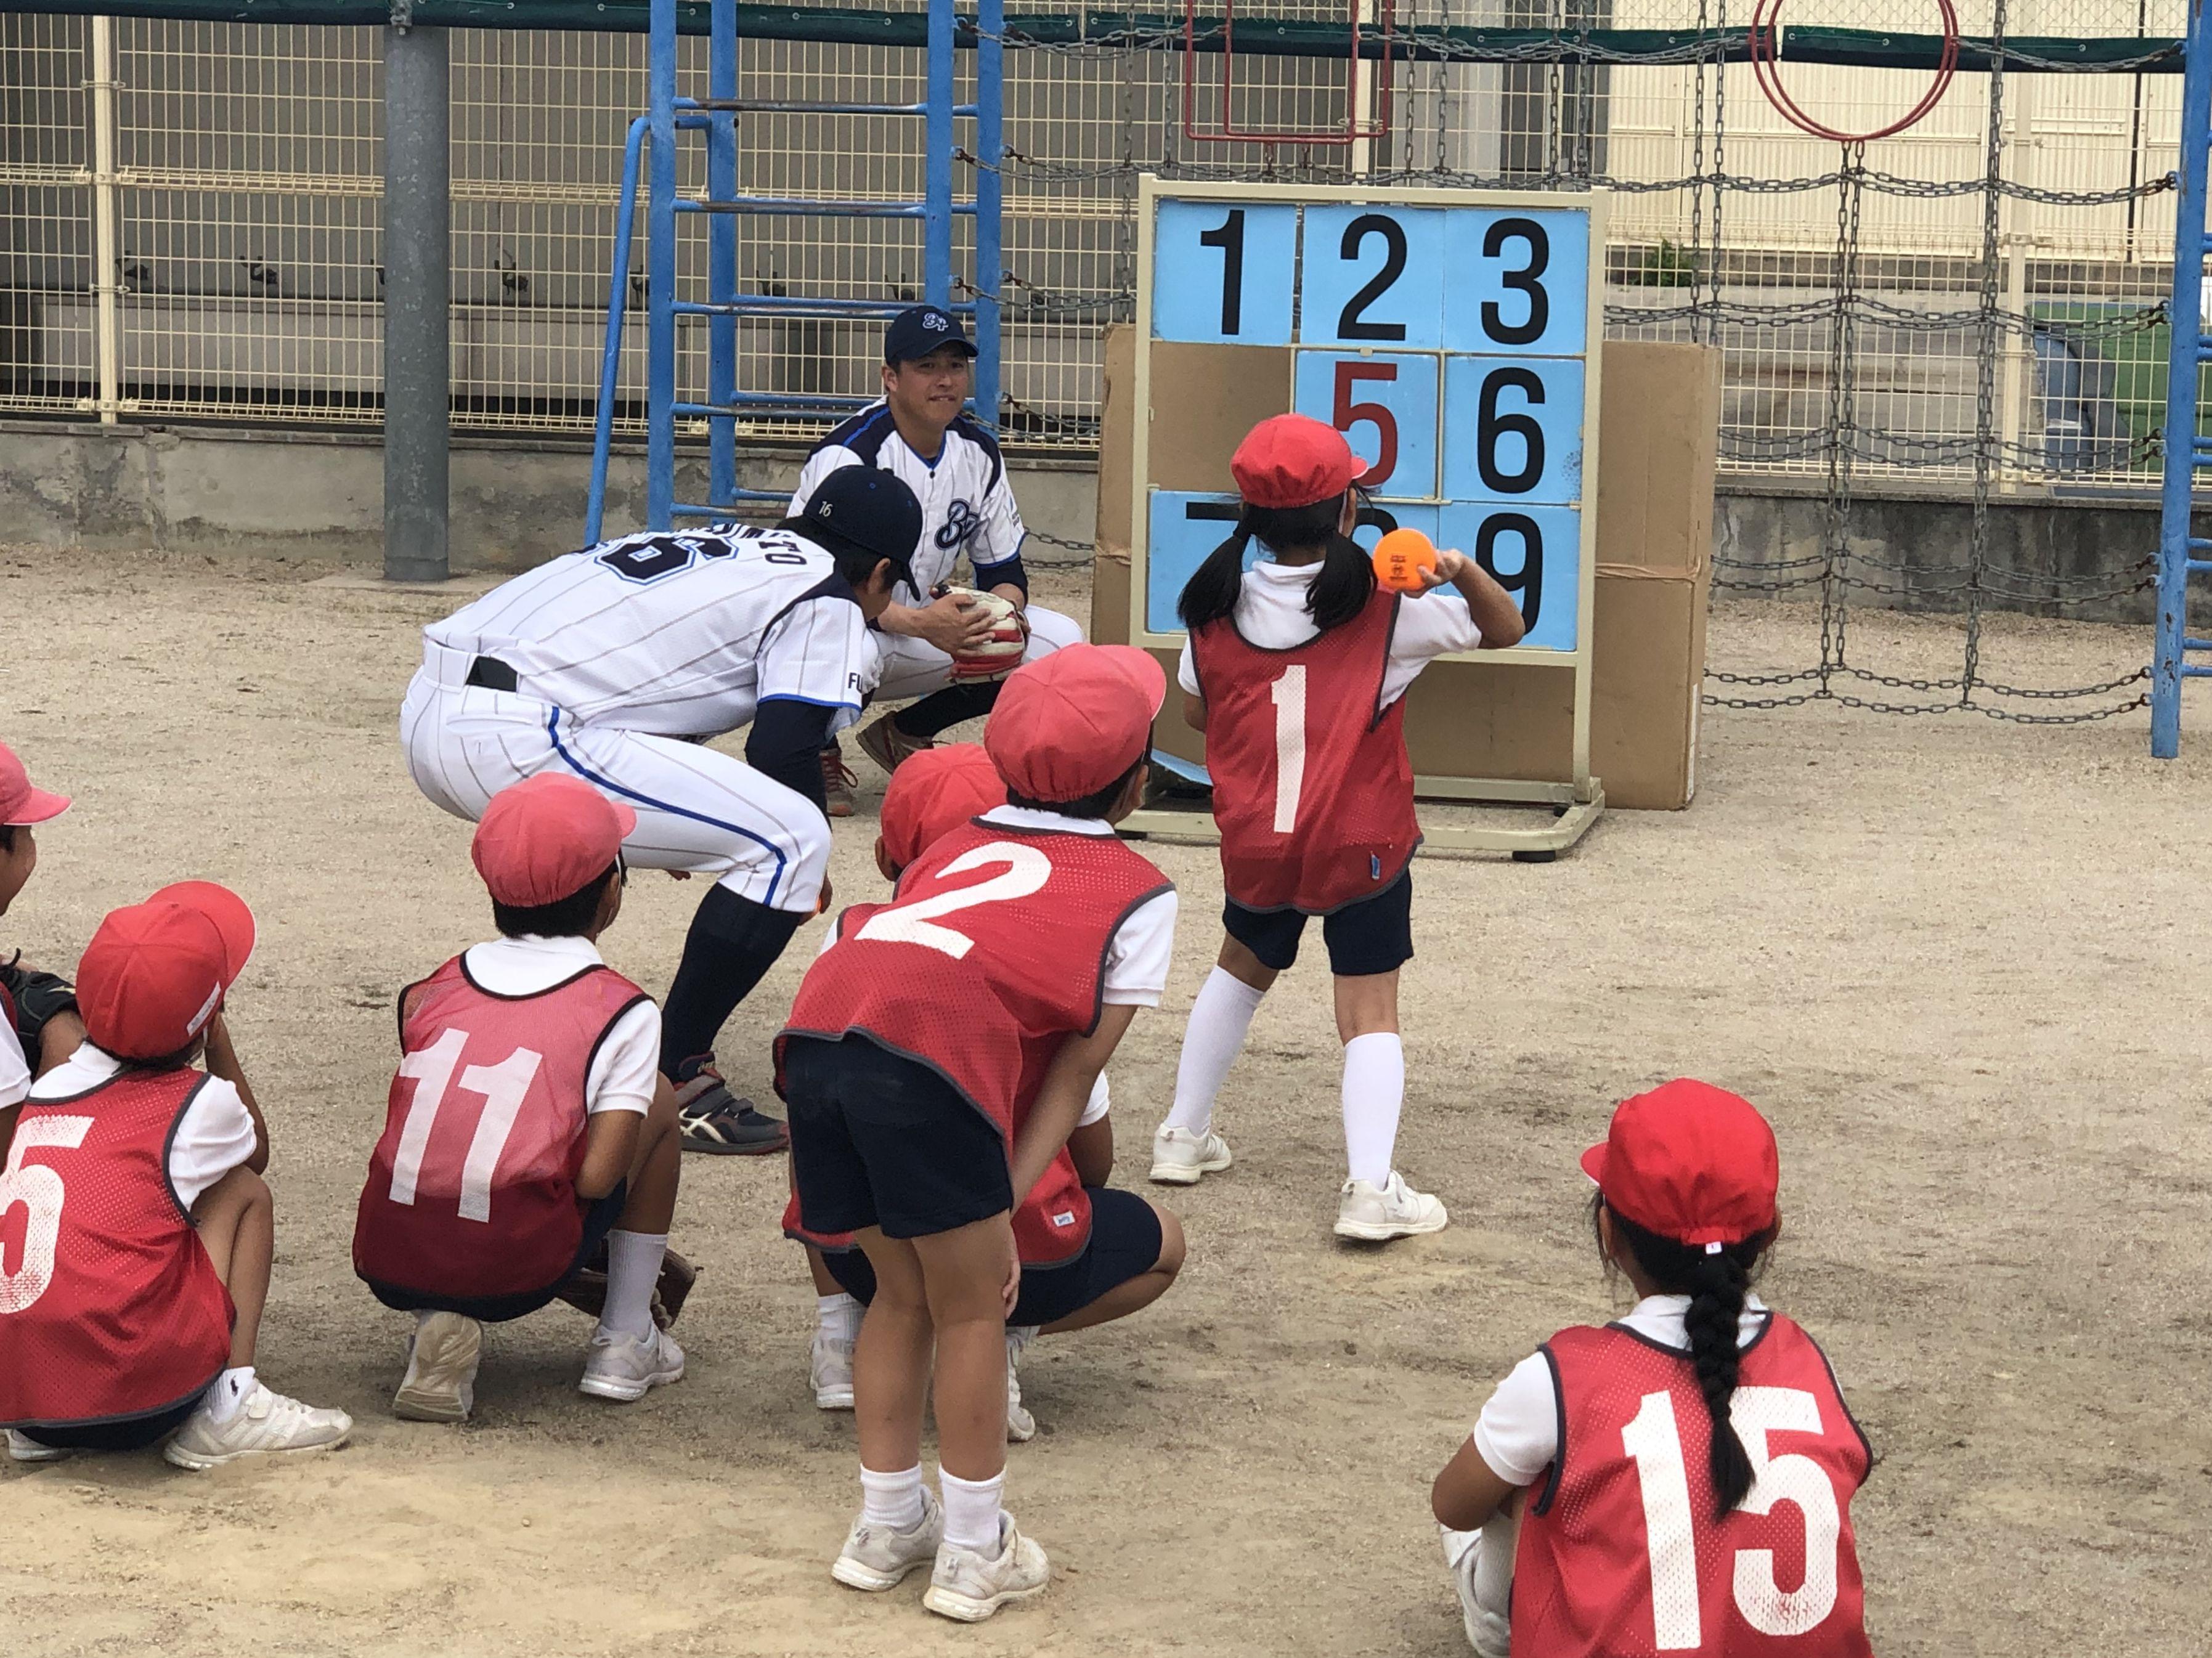 ストラックアウトやティーバッティングで、野球未経験の子どもたちも楽しめた